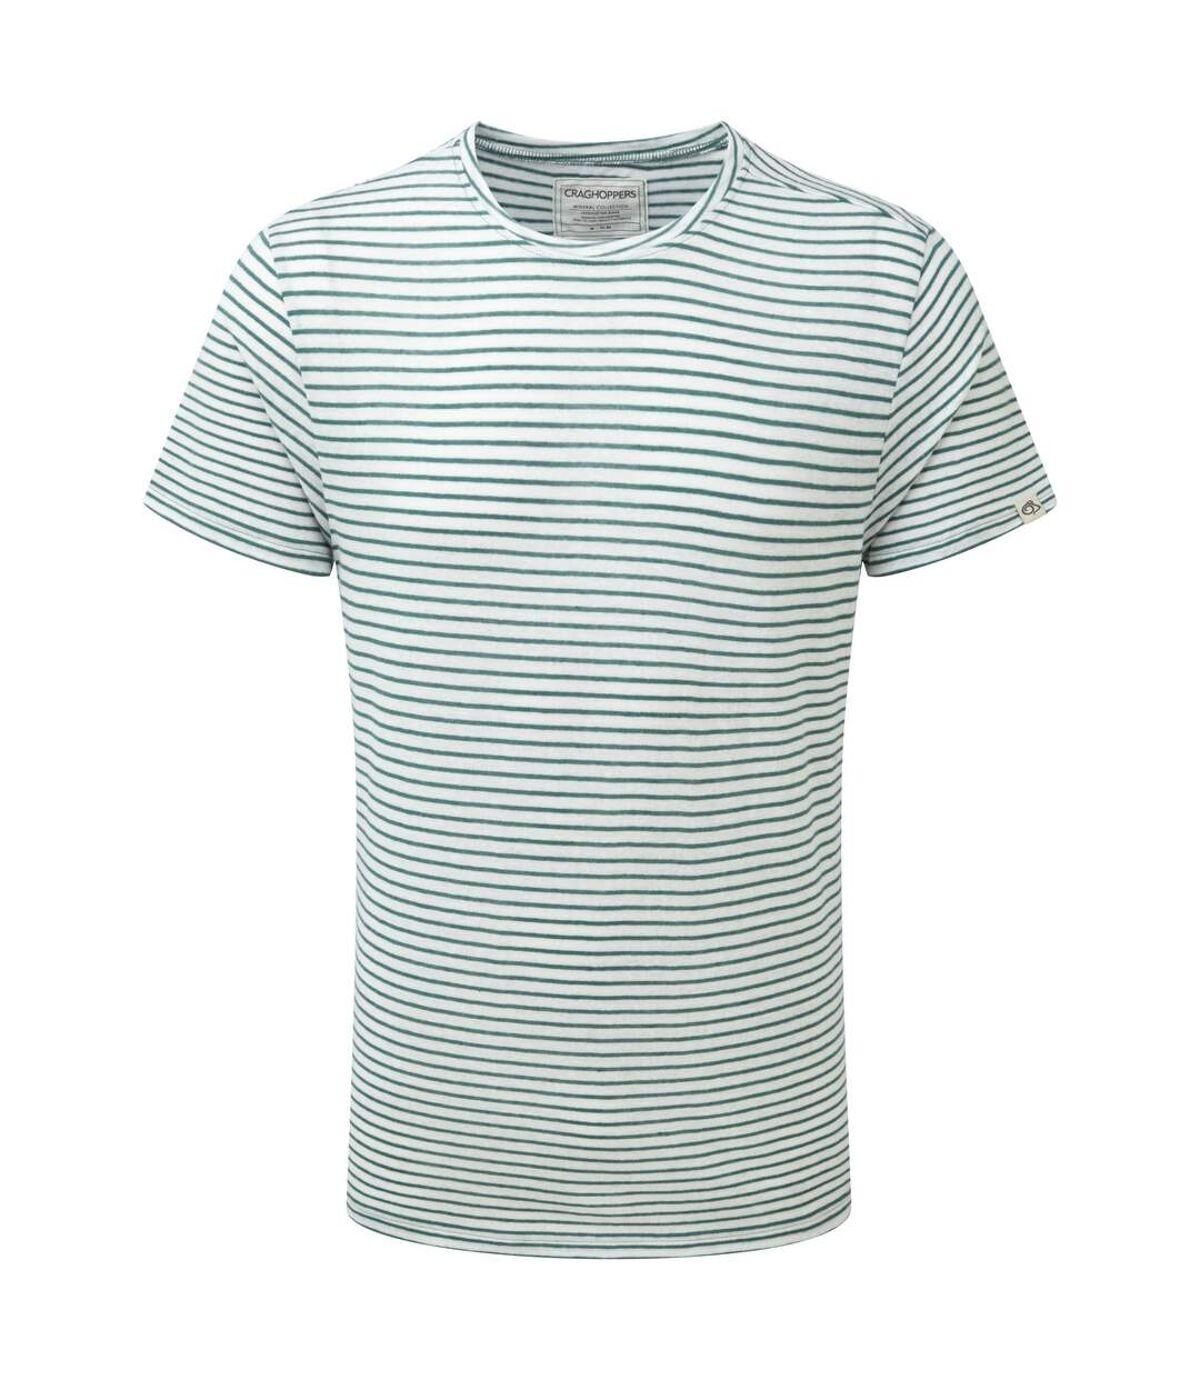 Craghoppers Bernard - T-shirt été à rayures - Homme (Vert lac) - UTCG224